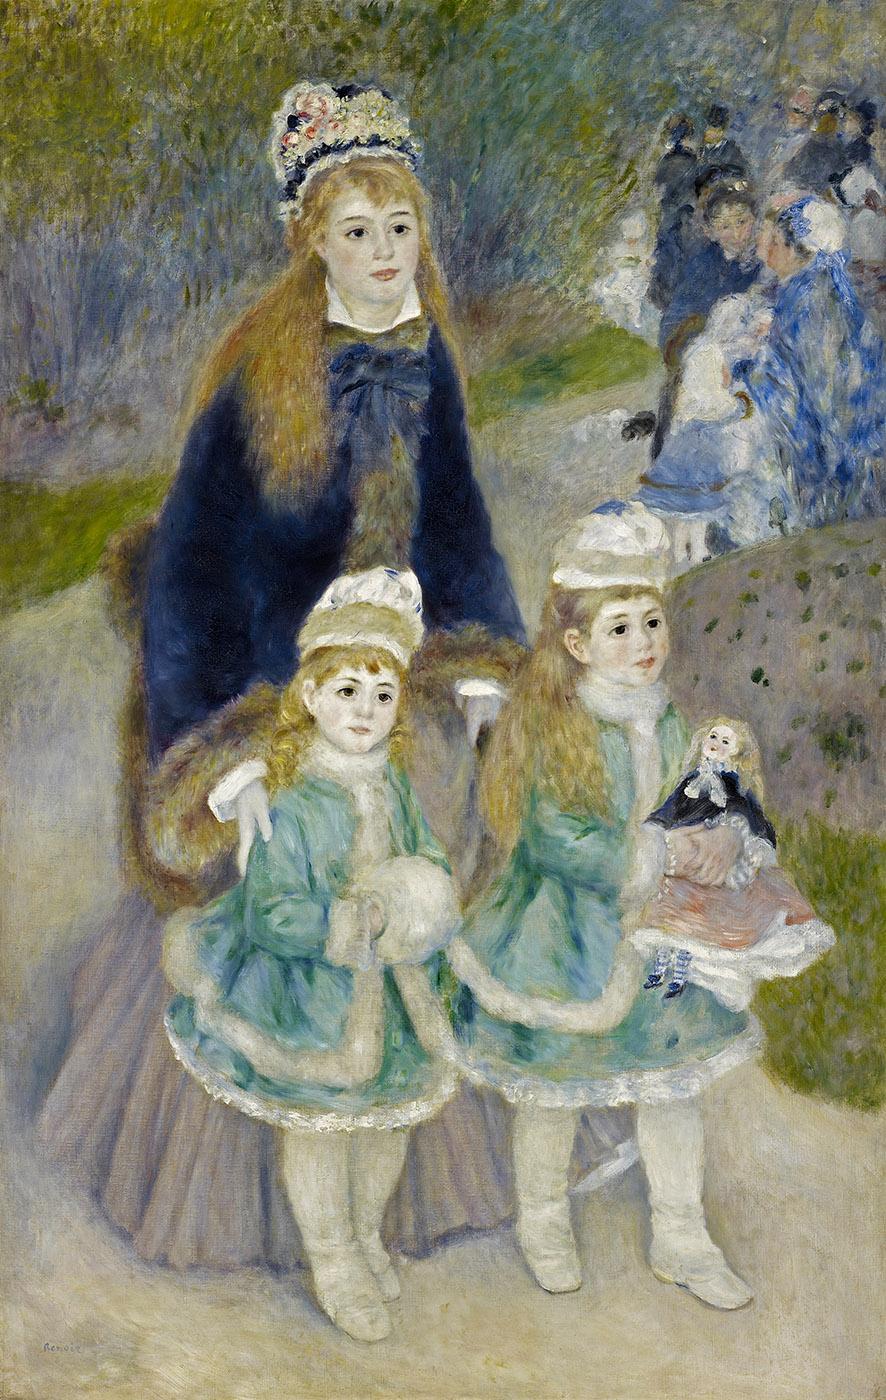 Pierre Auguste Renoir. Una madre con sus dos hijas, el paseo. 1874-1876. Frick Collection. Nueva York.